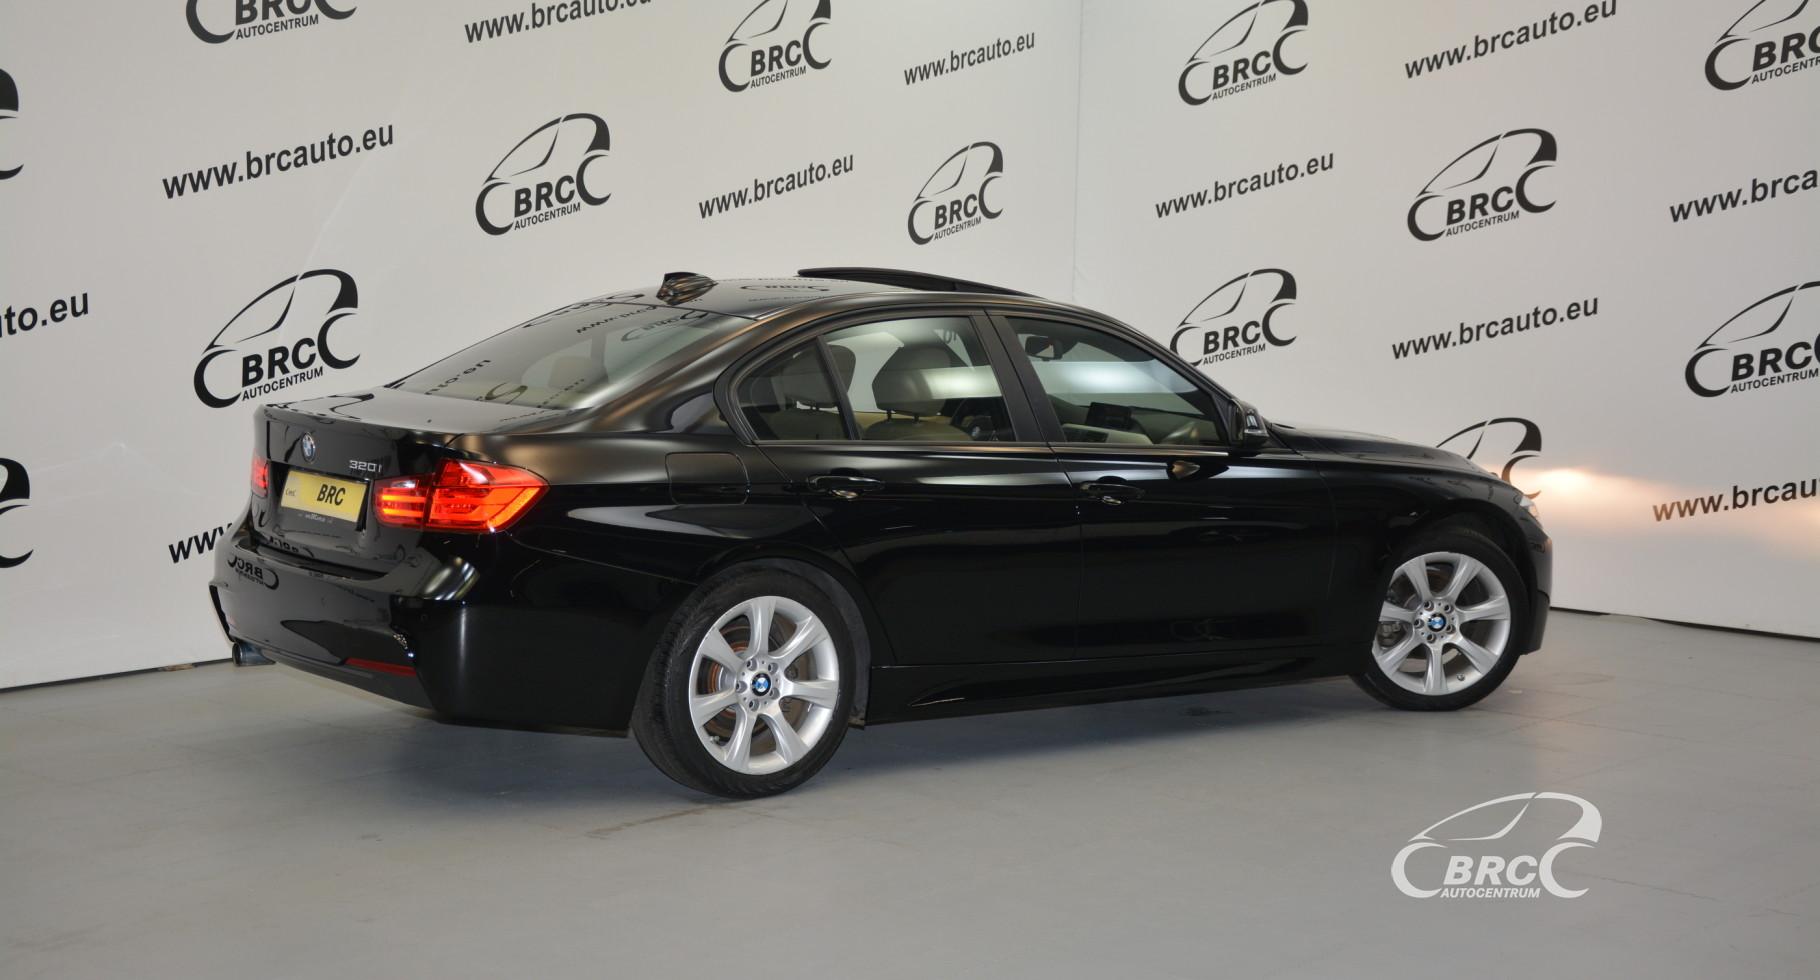 BMW 320 i Automatas